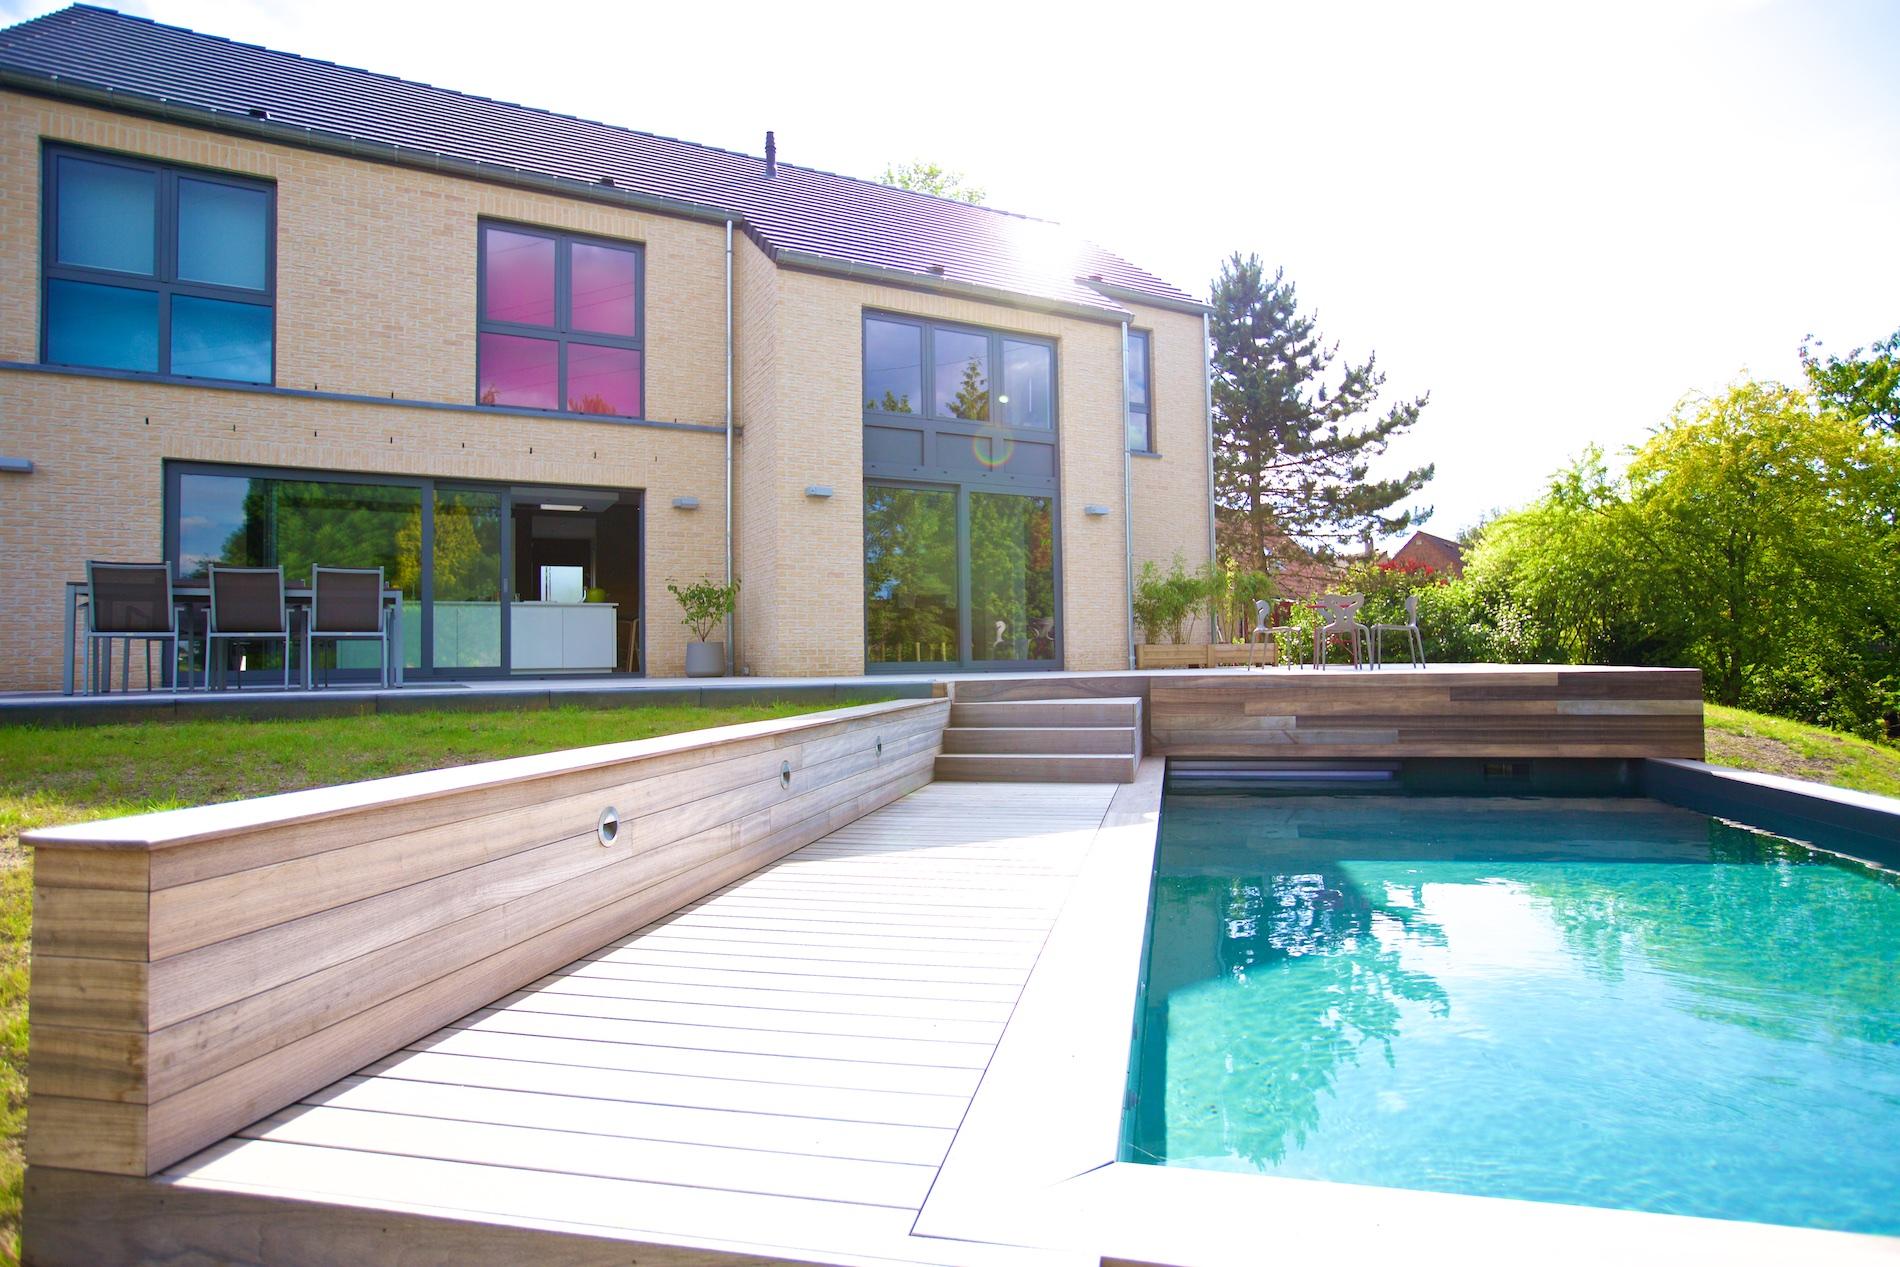 Maison novirtua 1 18 novirtua for Accessoire piscine namur